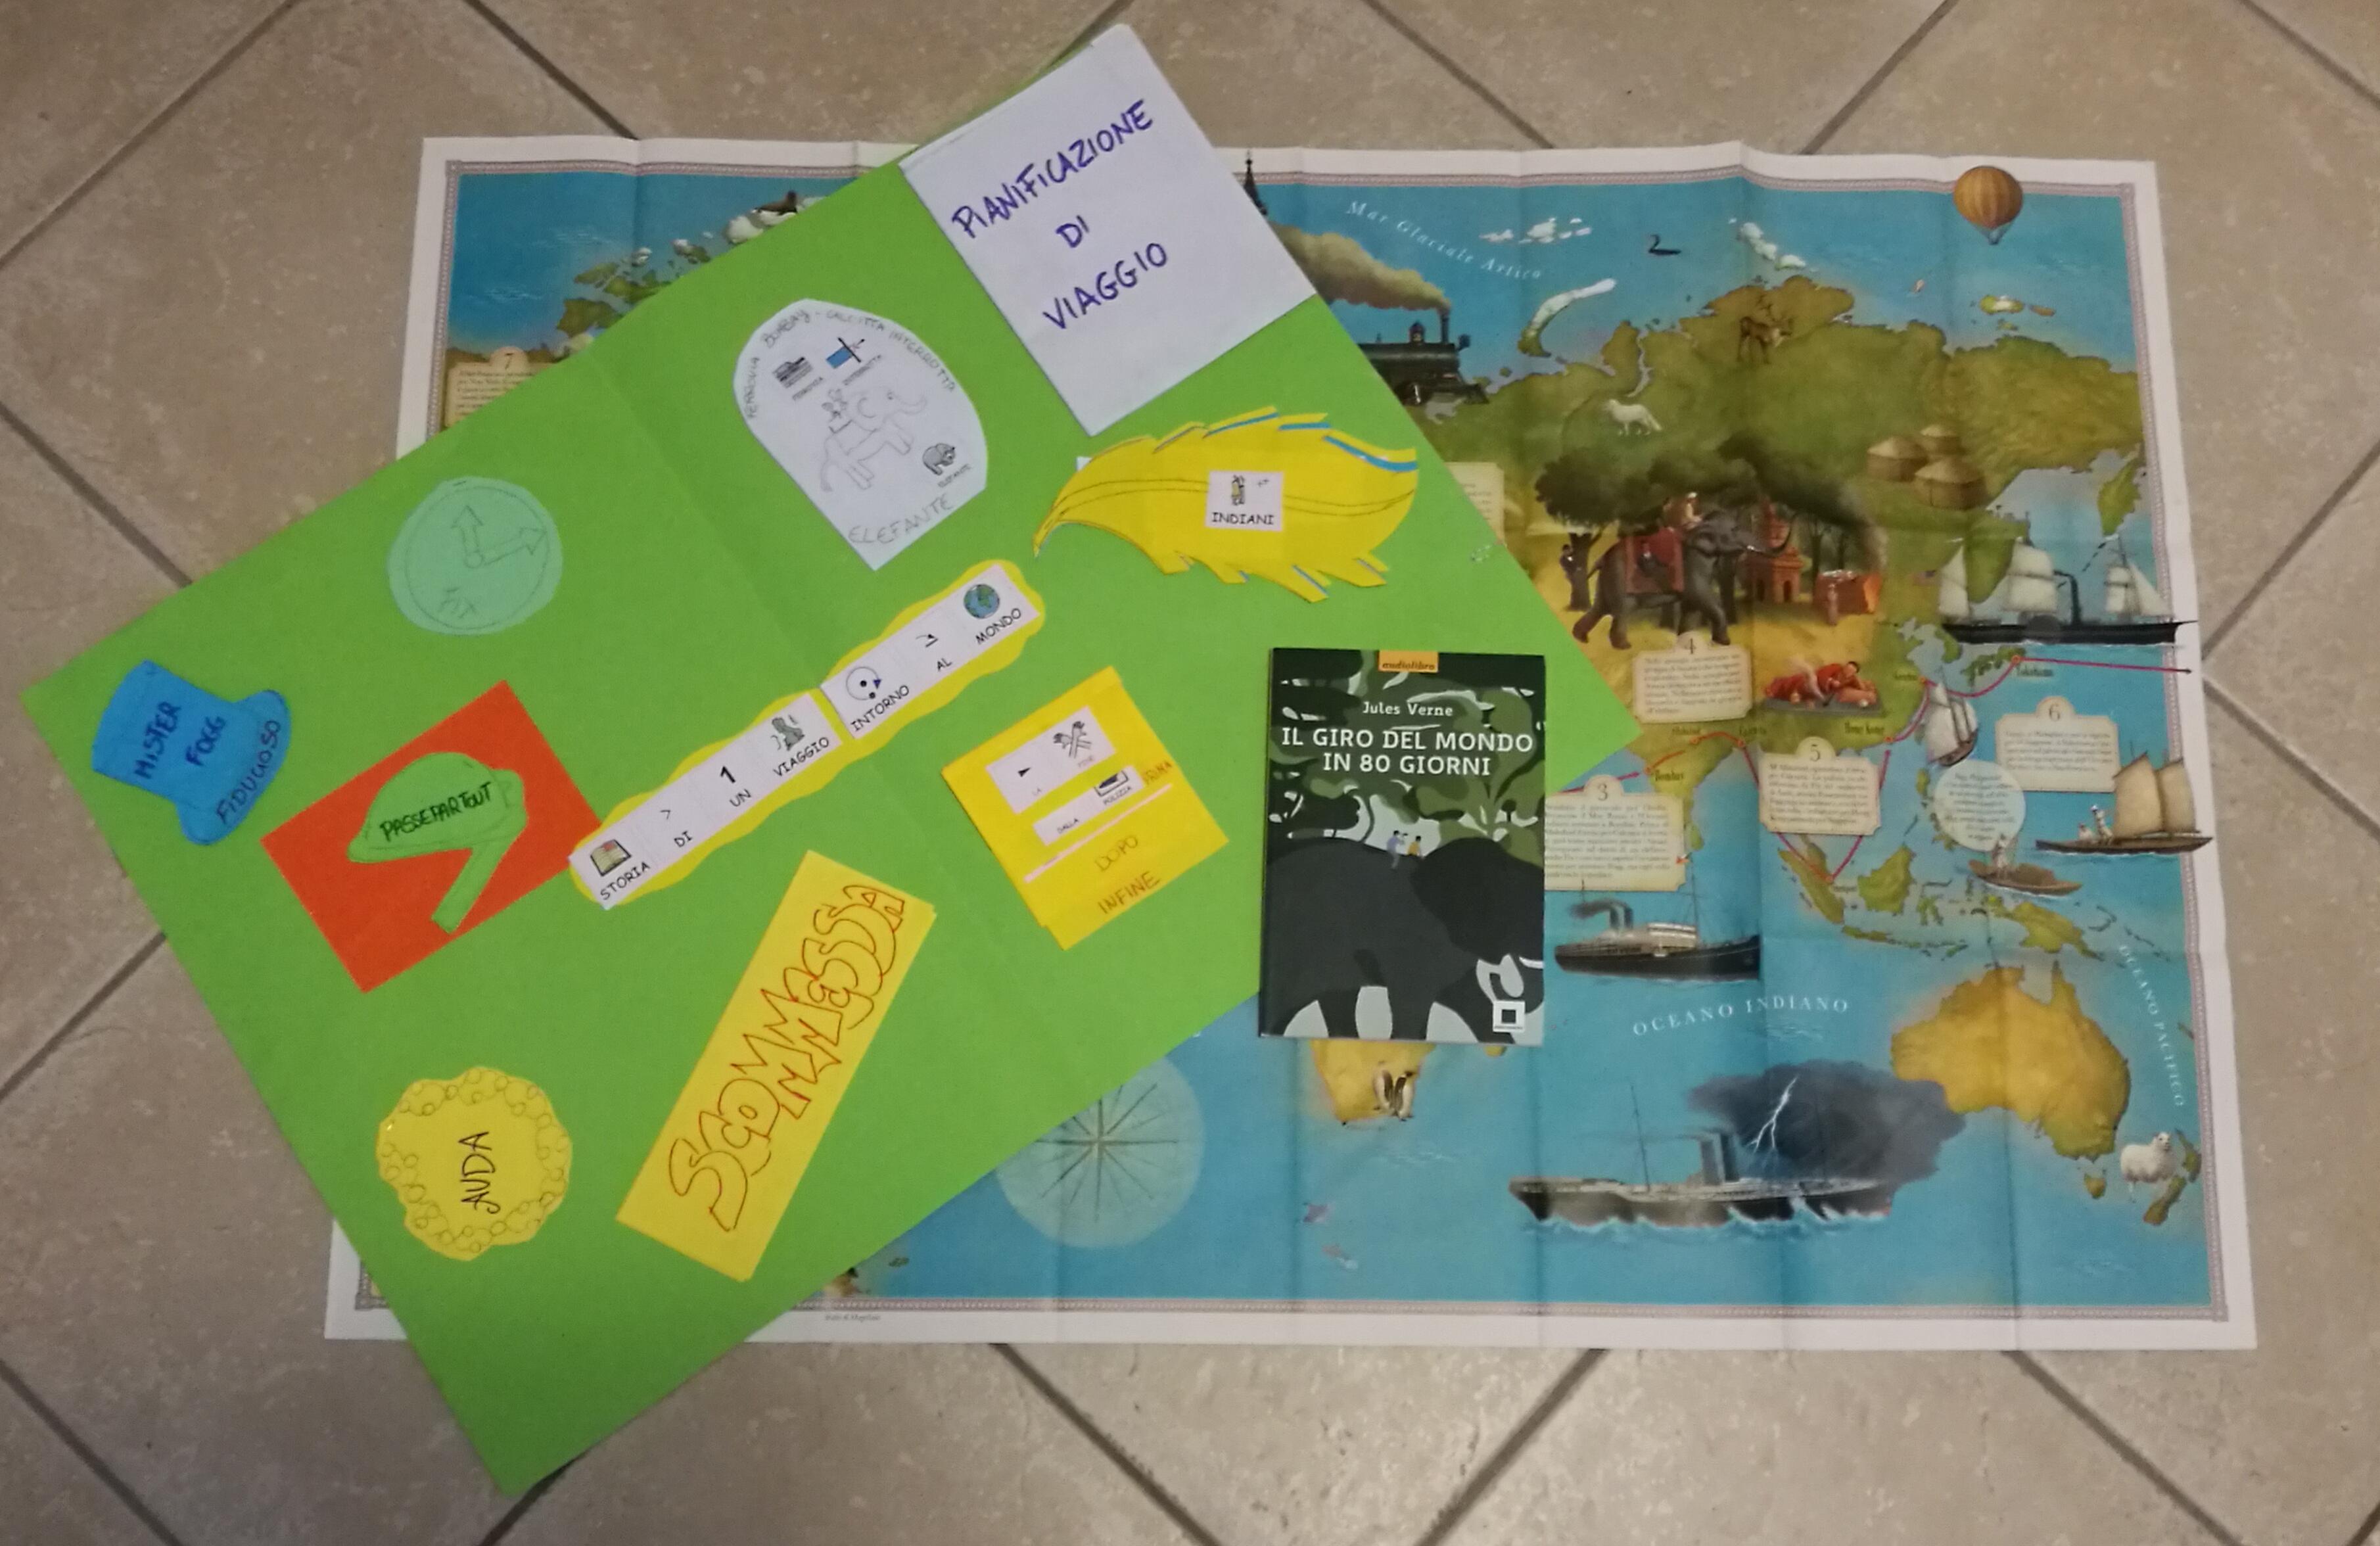 Jules verne Il giro del mondo in 80 giorni scuola lapbook libro ad alta leggibilità